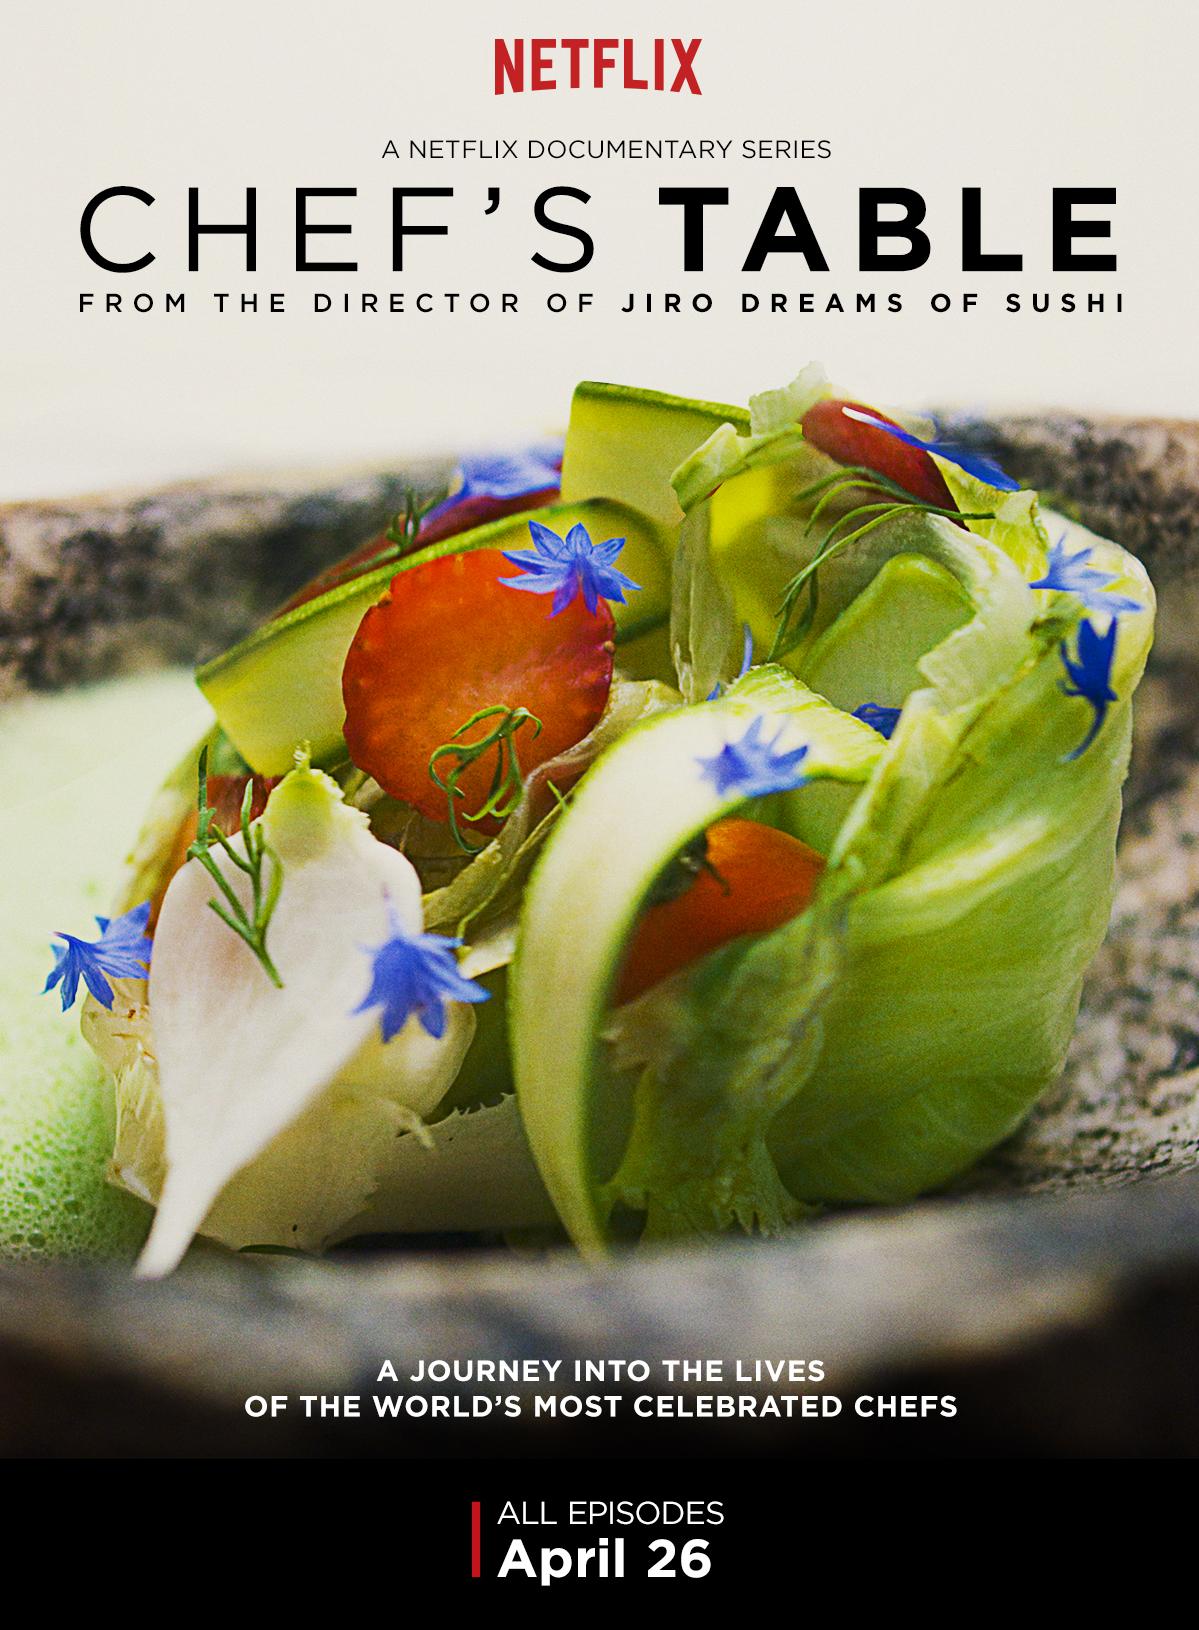 ChefsTable_Dish02_Vertical_KeyArt_US.jpg